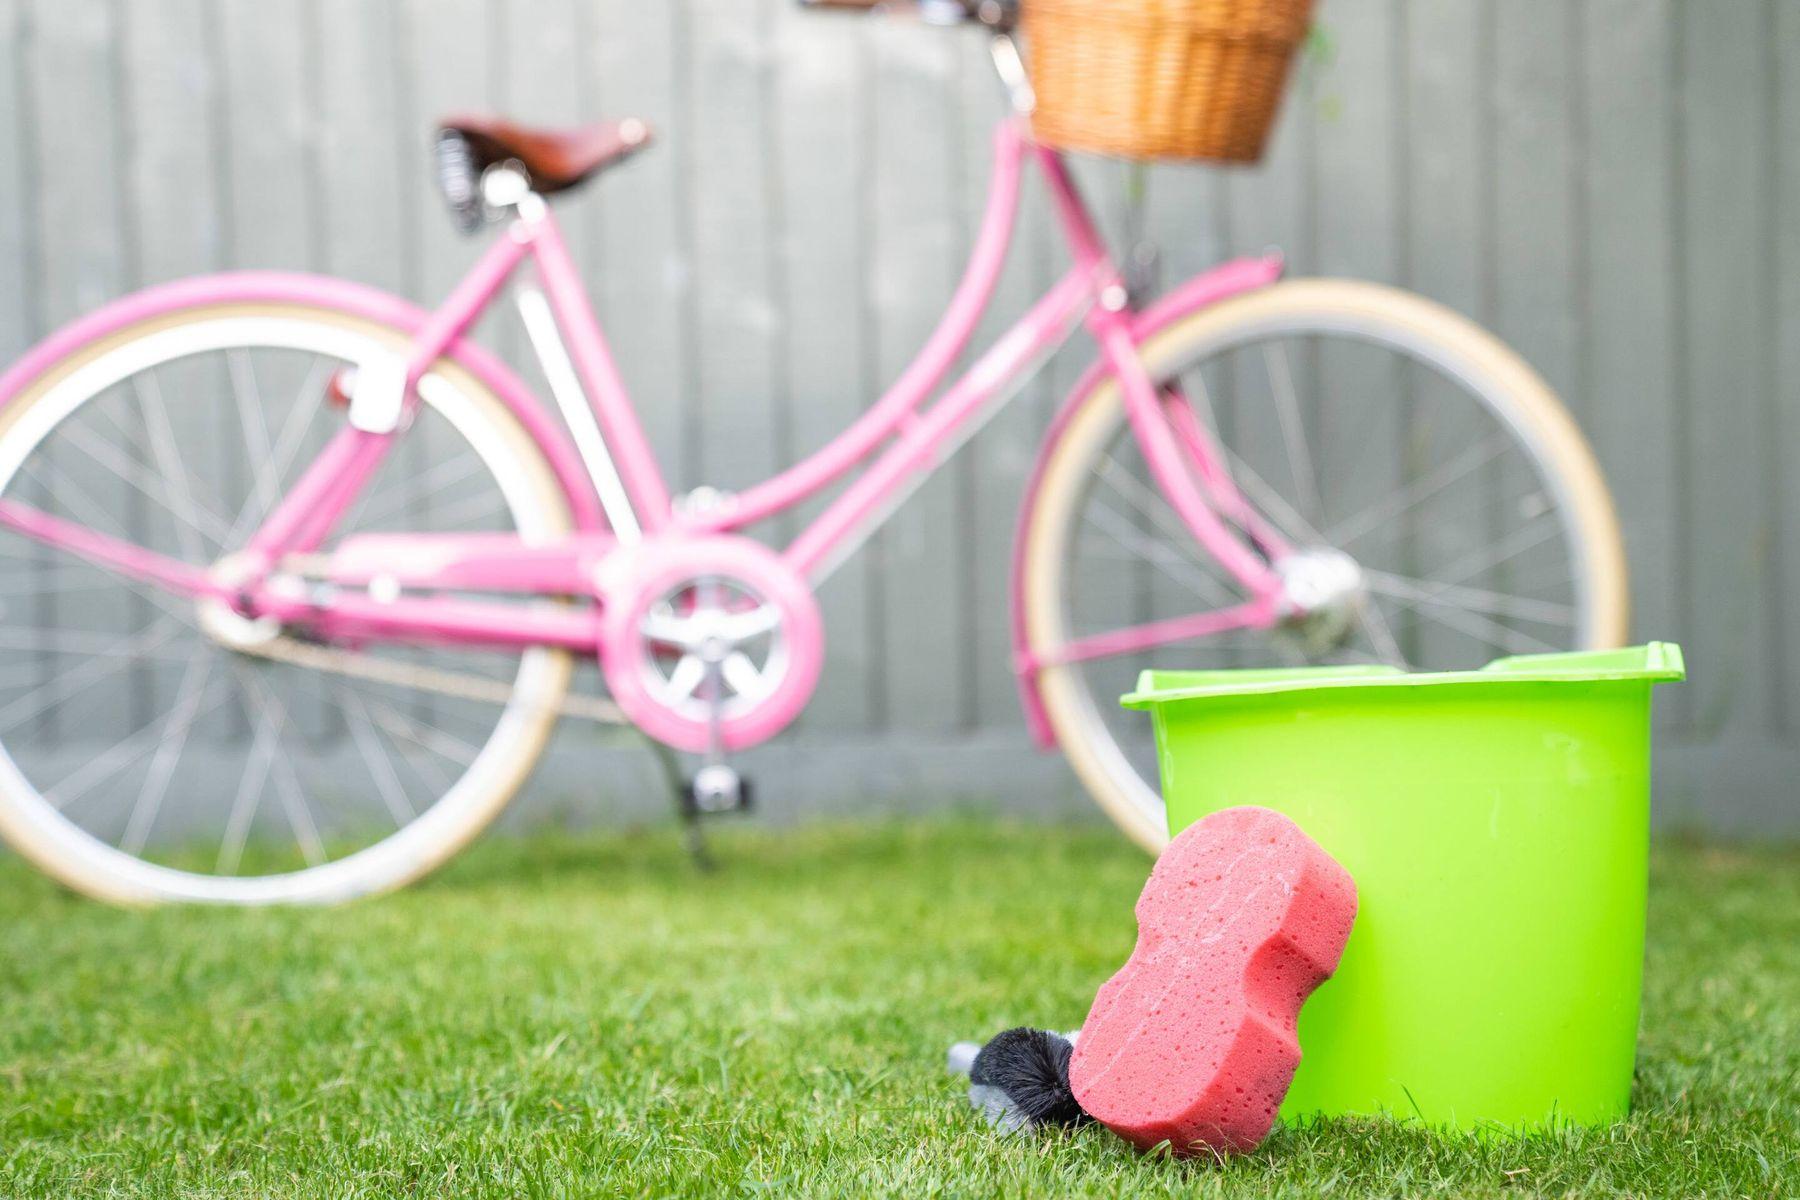 bicicletta rosa in giardino, secchio e panno per la pulizia